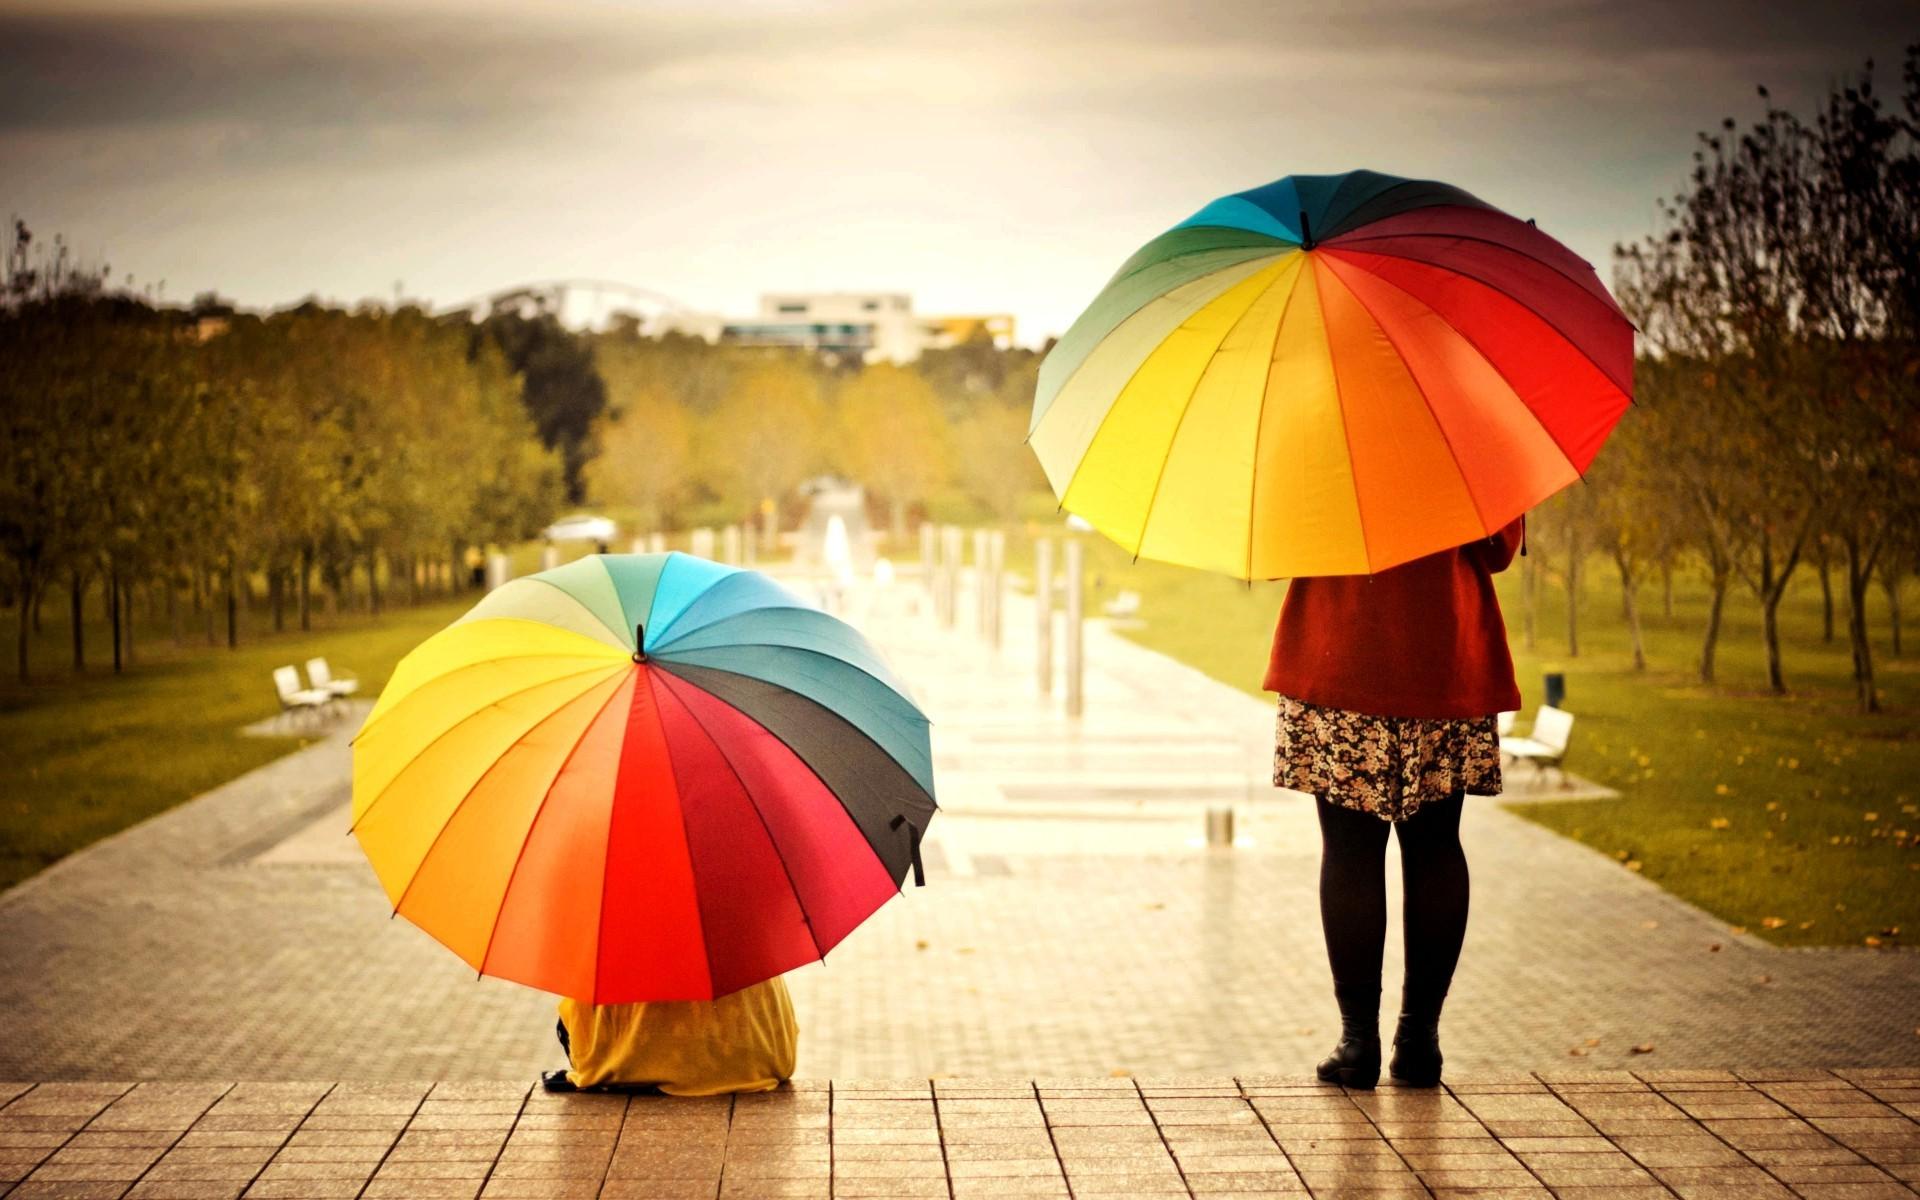 осенние прогулки под зонтом